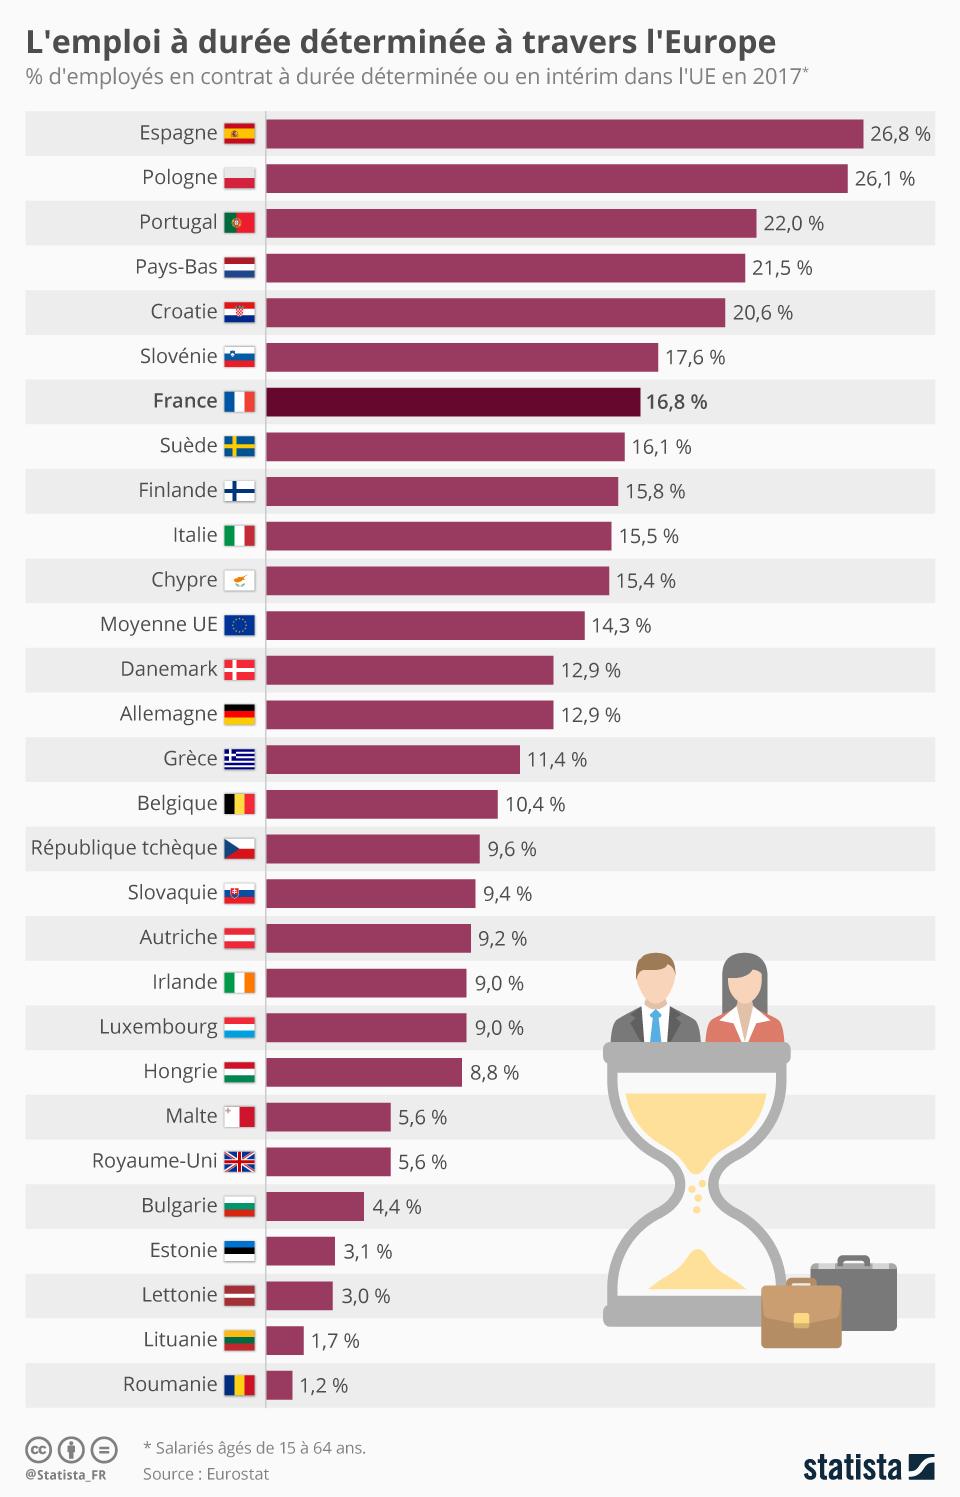 Infographie: L'emploi à durée déterminée à travers l'Europe | Statista